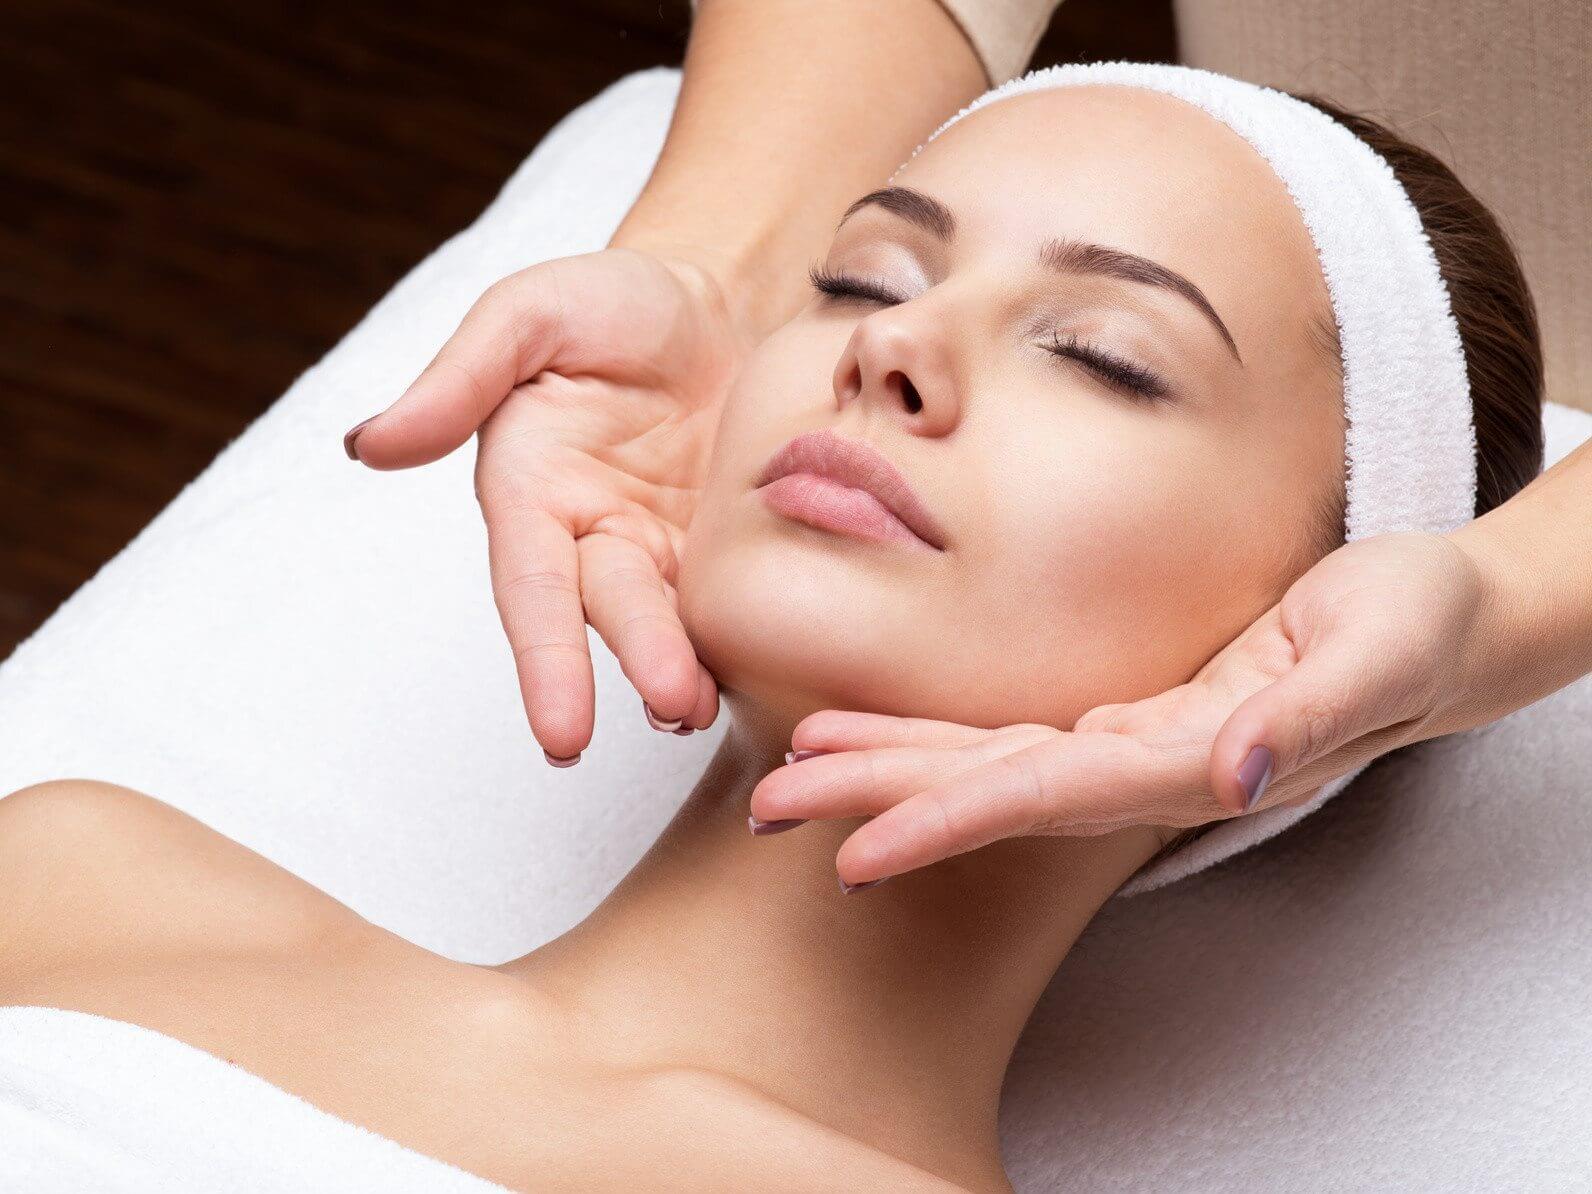 ansigtsmassage-samt-massage-af-haender-og-fodder-odense-gaveideer-dk_dk00103-b3f34c3e.jpg